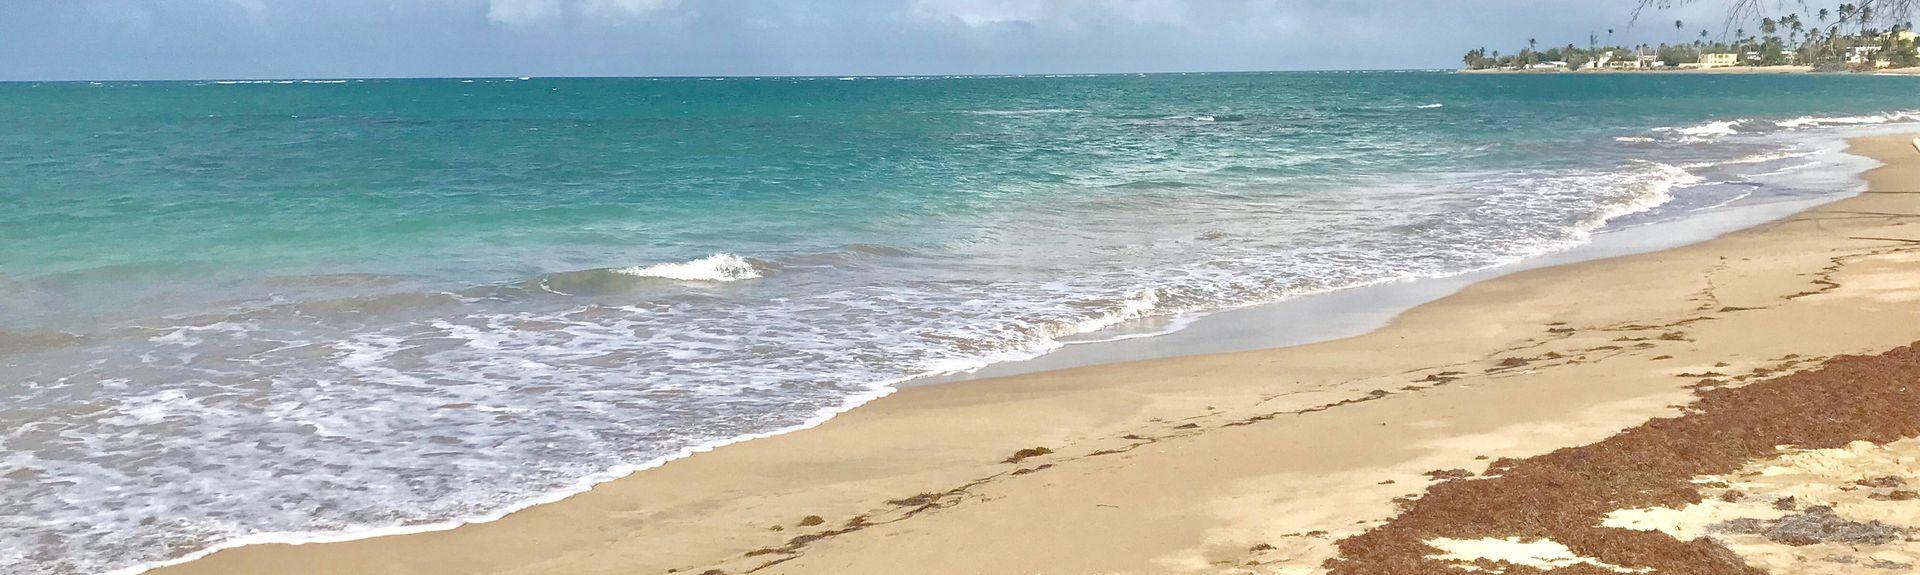 Luquillo-Strand, Mata de Plátano, Luquillo, Puerto Rico